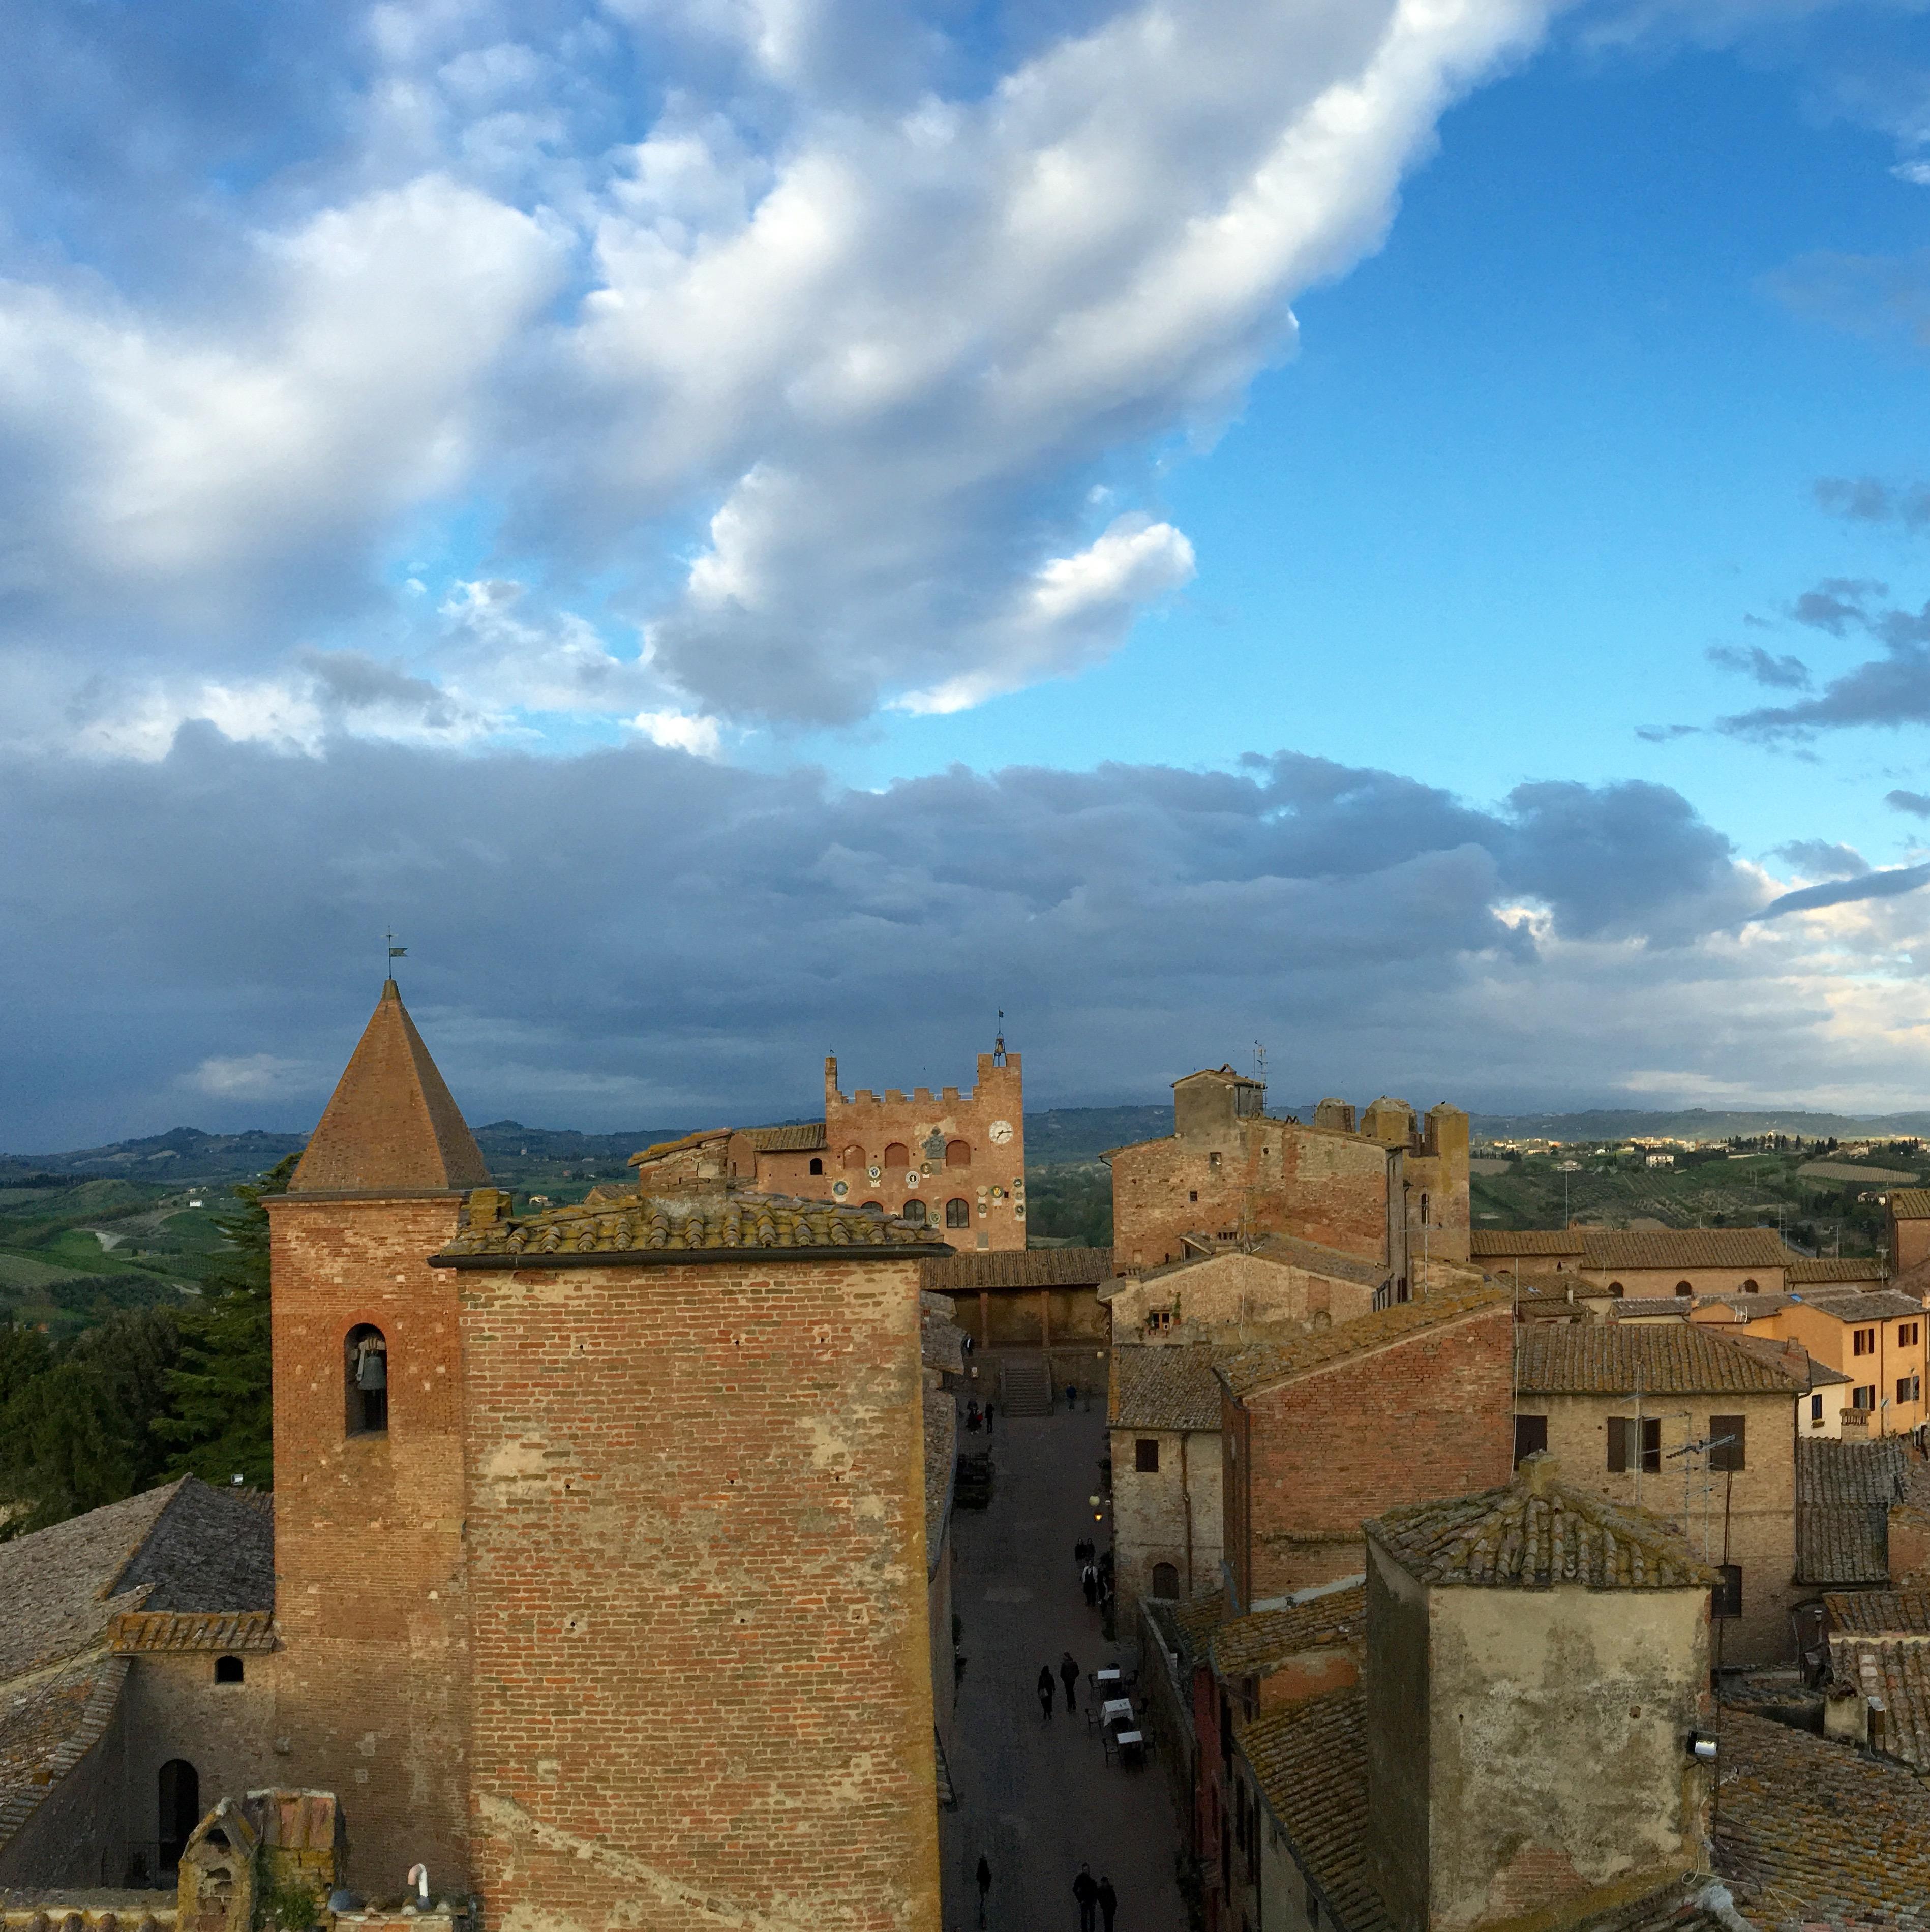 Il borgo medievale dà la caccia al fantasma di Boccaccio